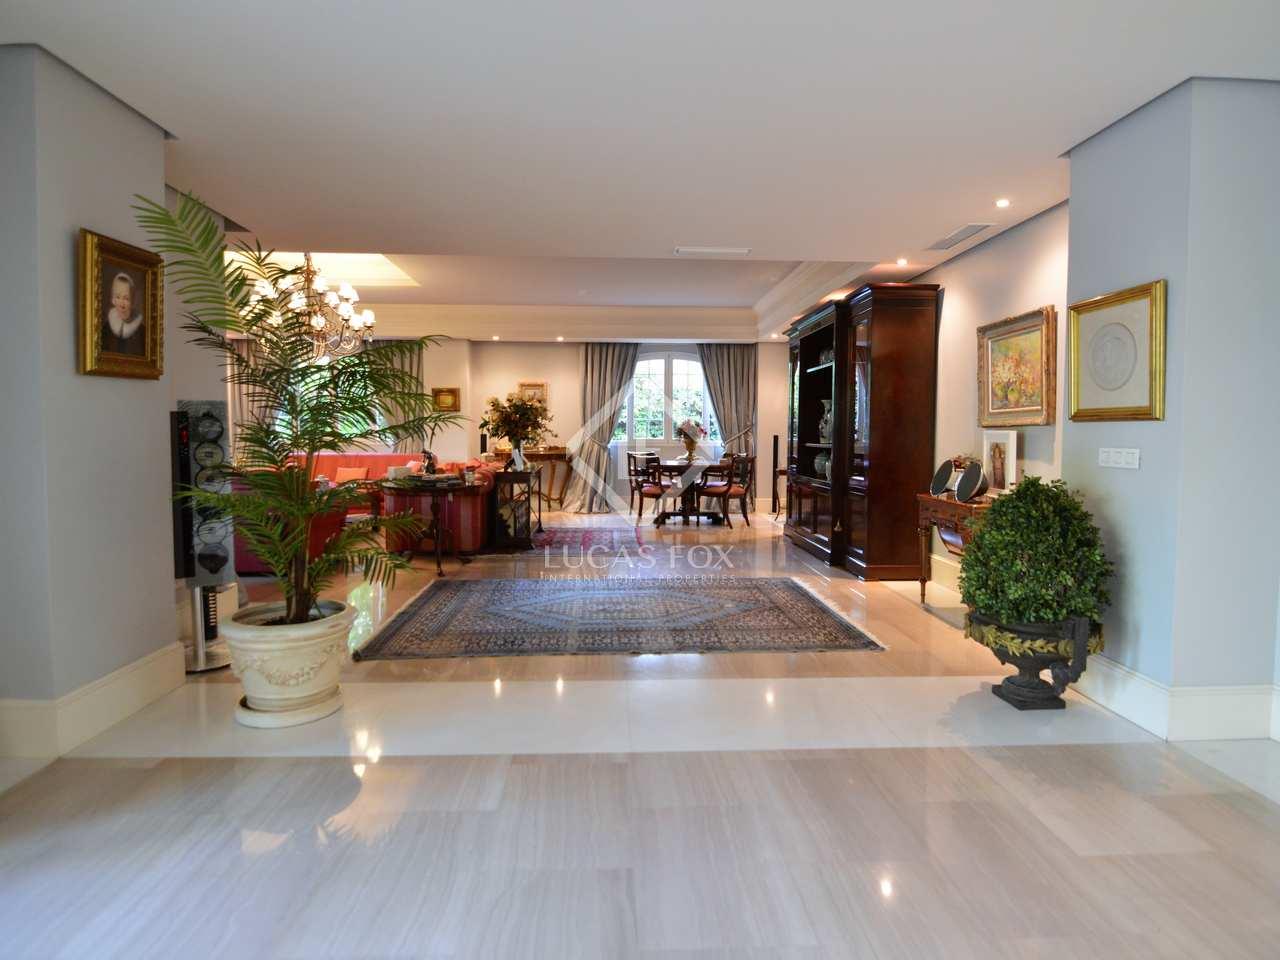 Villa de m en venta en mirasierra madrid - Casas en mirasierra madrid ...